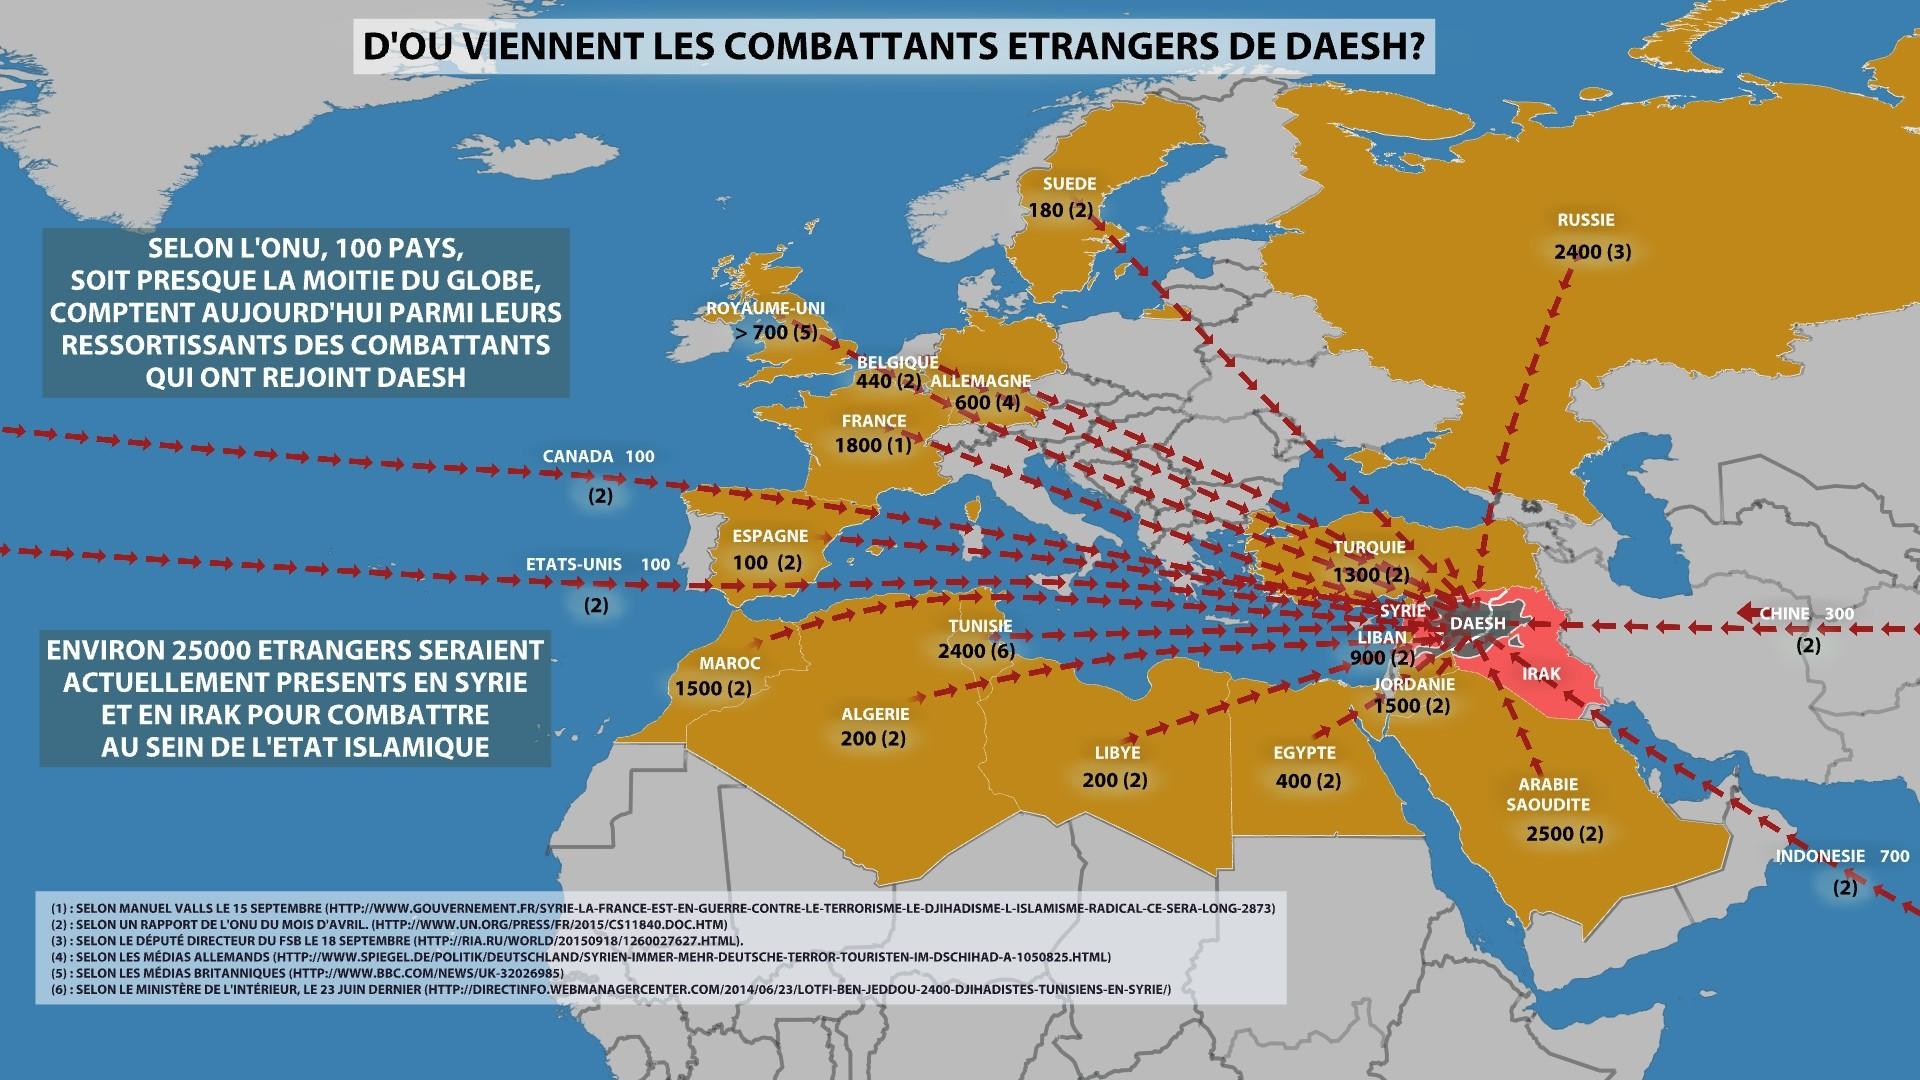 D'où viennent les combattants étrangers de Daesh ?